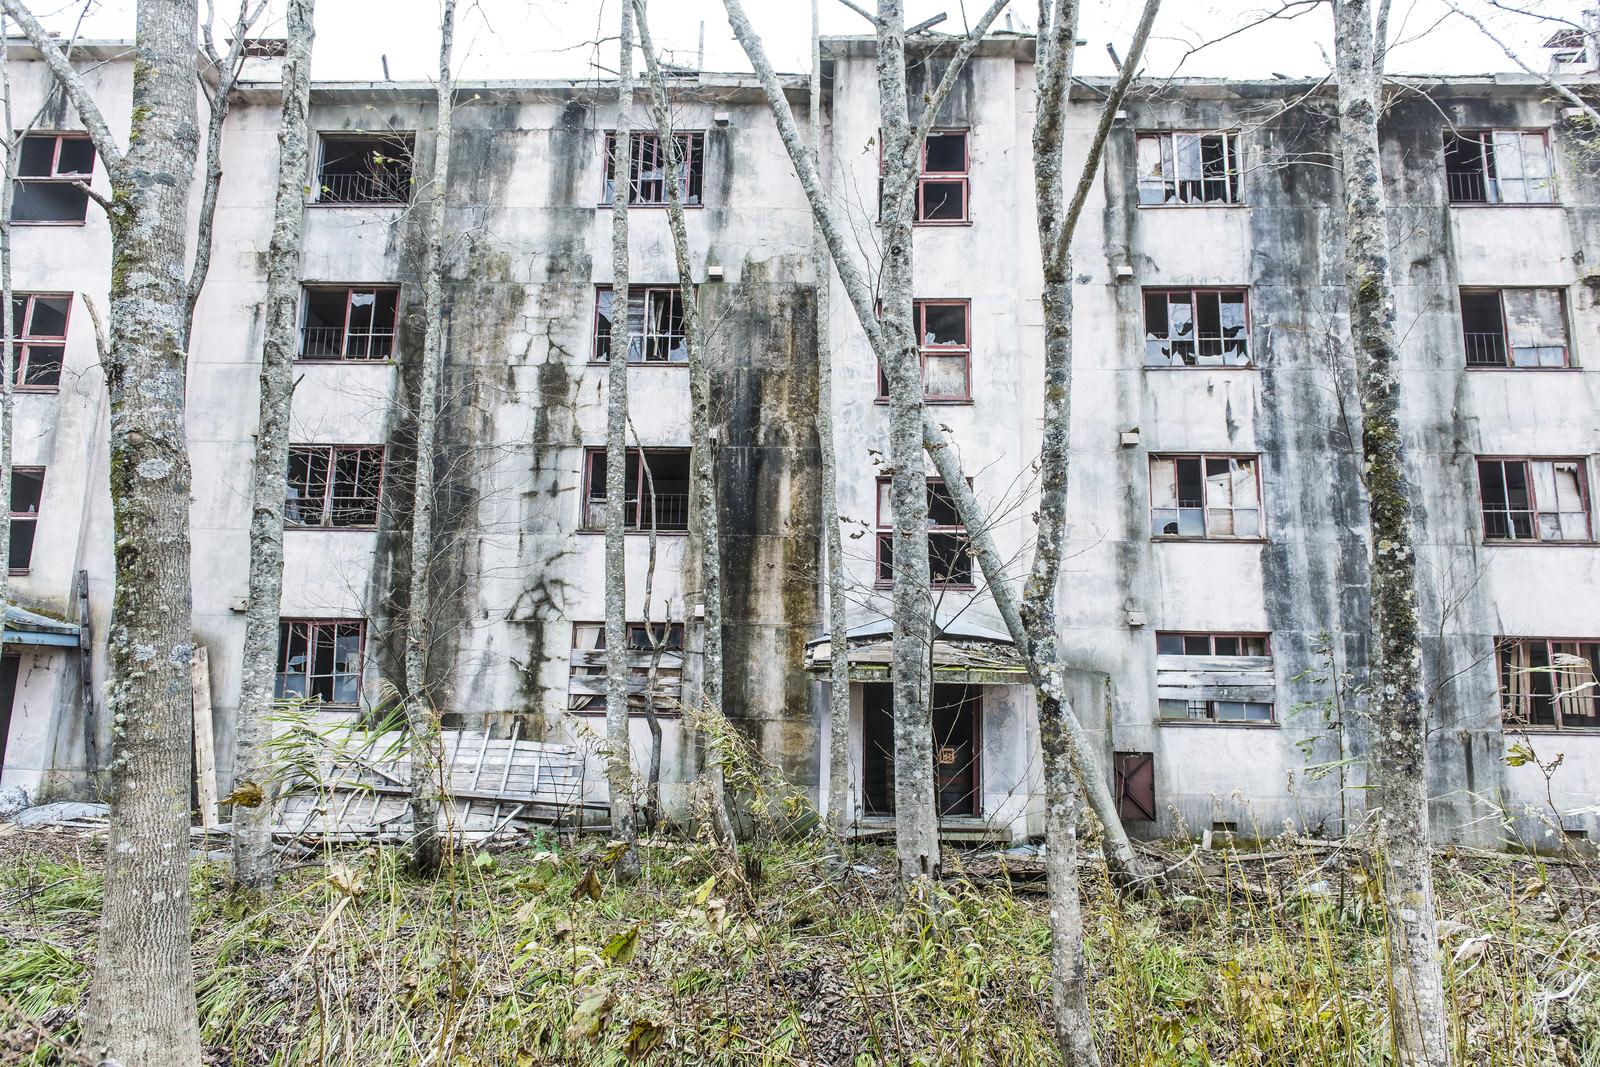 「炭鉱住宅の廃墟」の写真